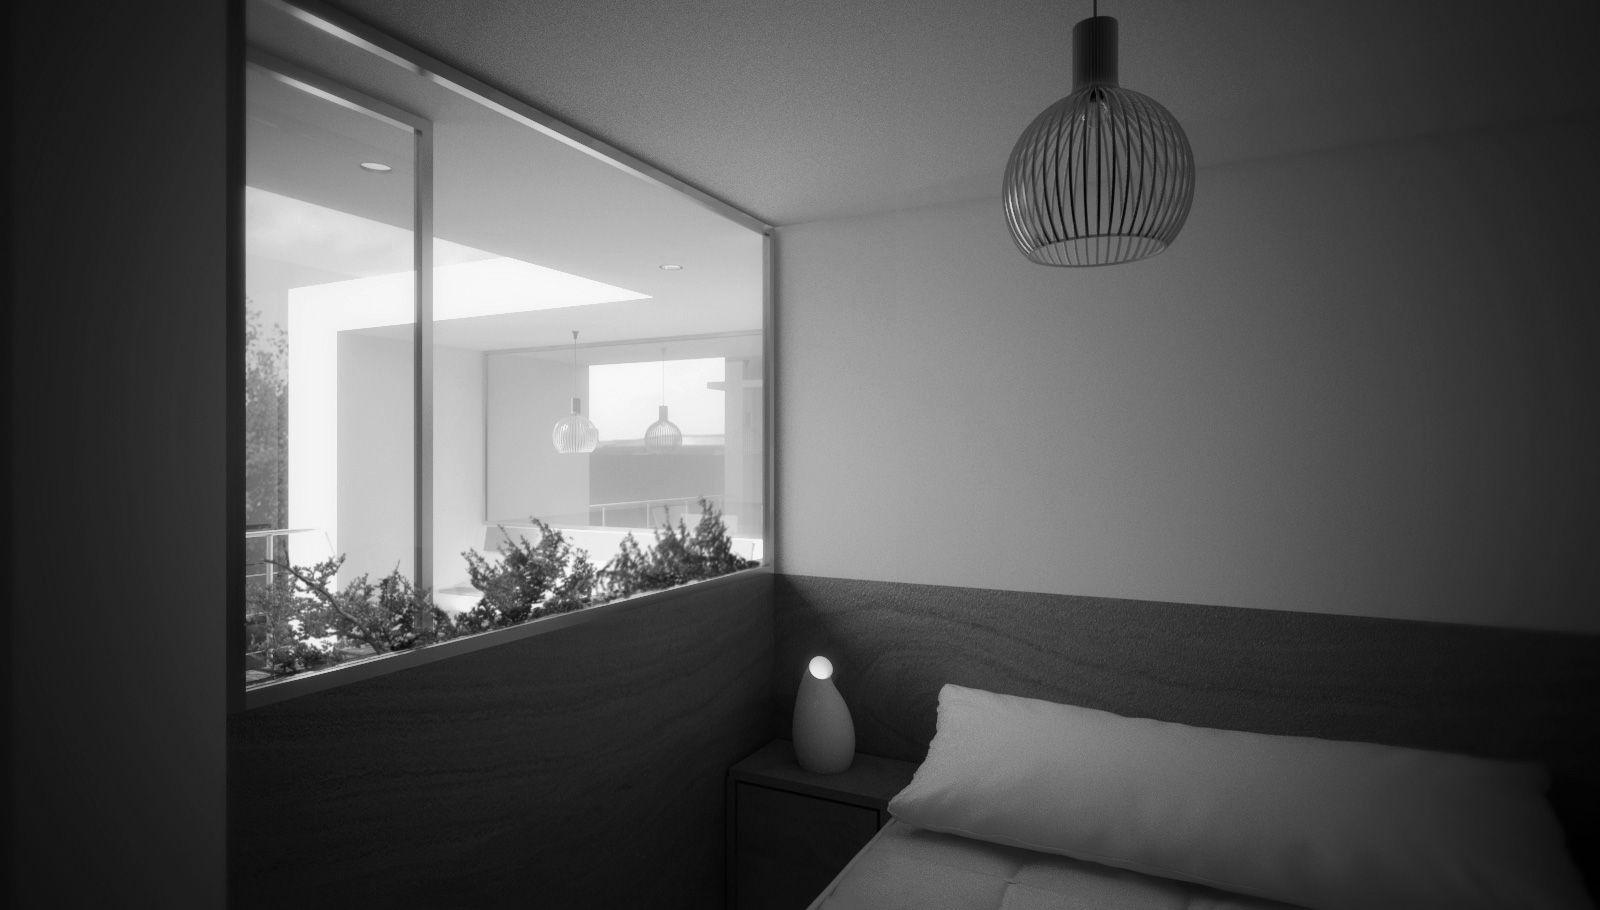 Gradaciones.  Casa en El Ballestero, Albecete | House in El Ballestero, Albacete  http://estudioiterare.com/casa-en-el-ballestero/ #arquitectura #architecture #design #interiordesign #pinterare